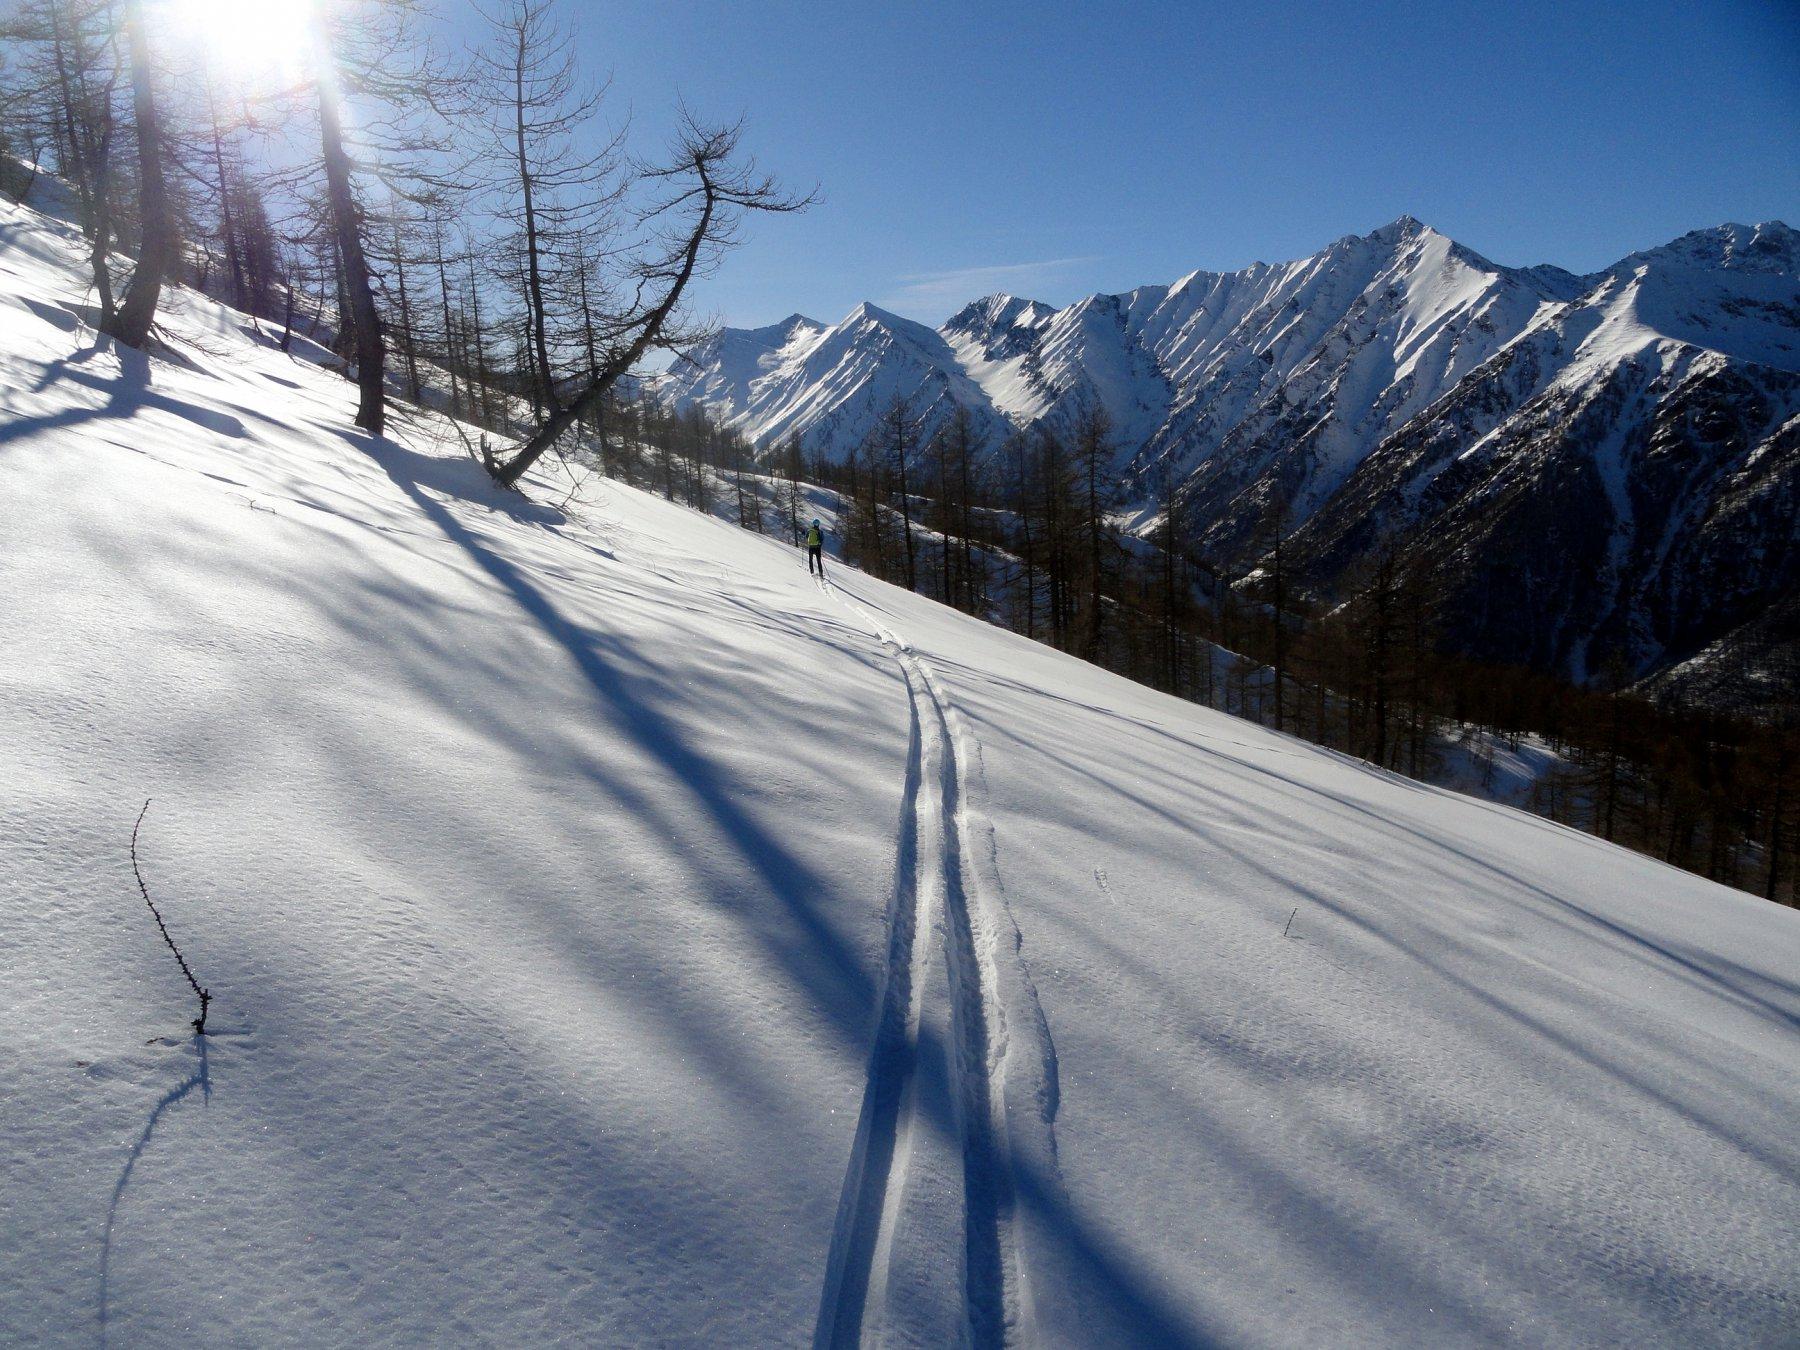 bella neve anche nei boschetti in basso